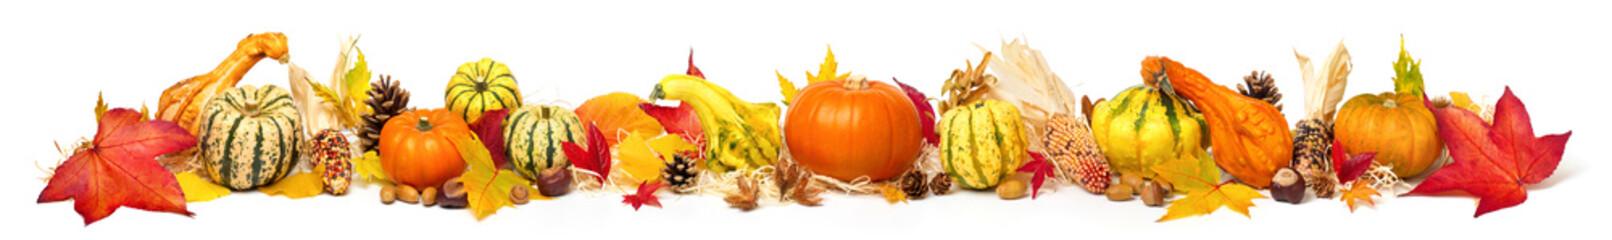 Buntes Arrangement für Herbst, isoliert auf Weiß, Panorama Format